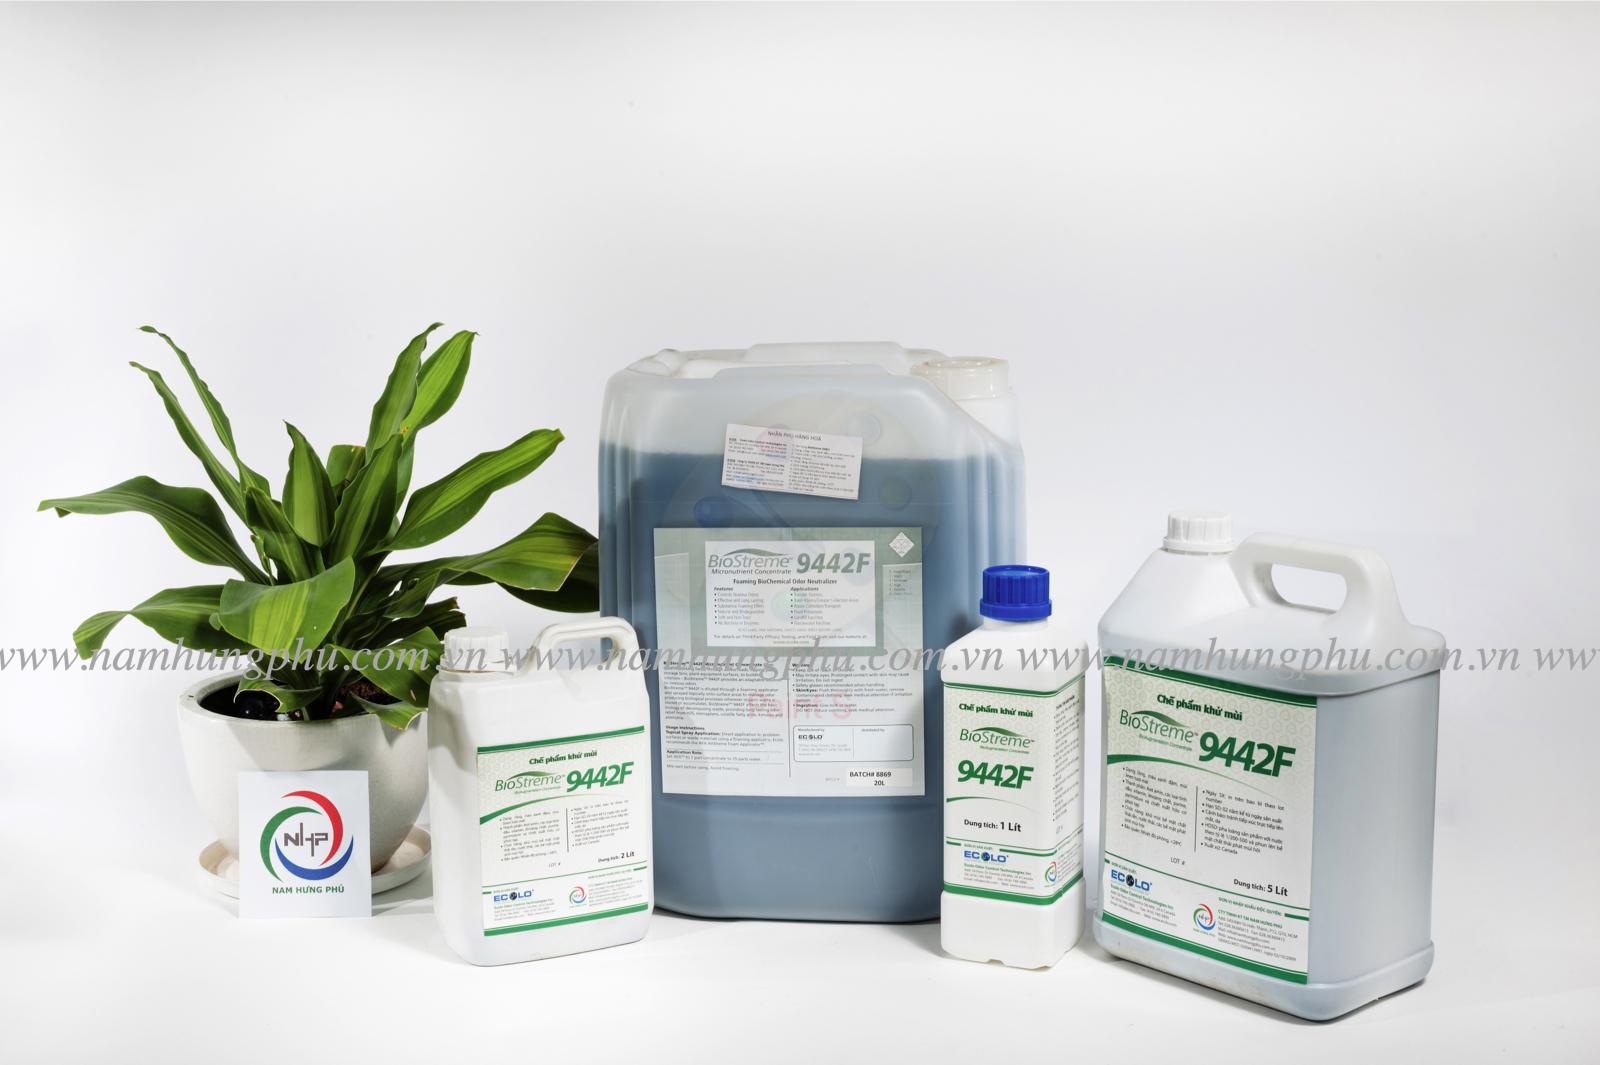 Chế phẩm vi sinh khử mùi hôi bãi rác Biostreme9442F TH